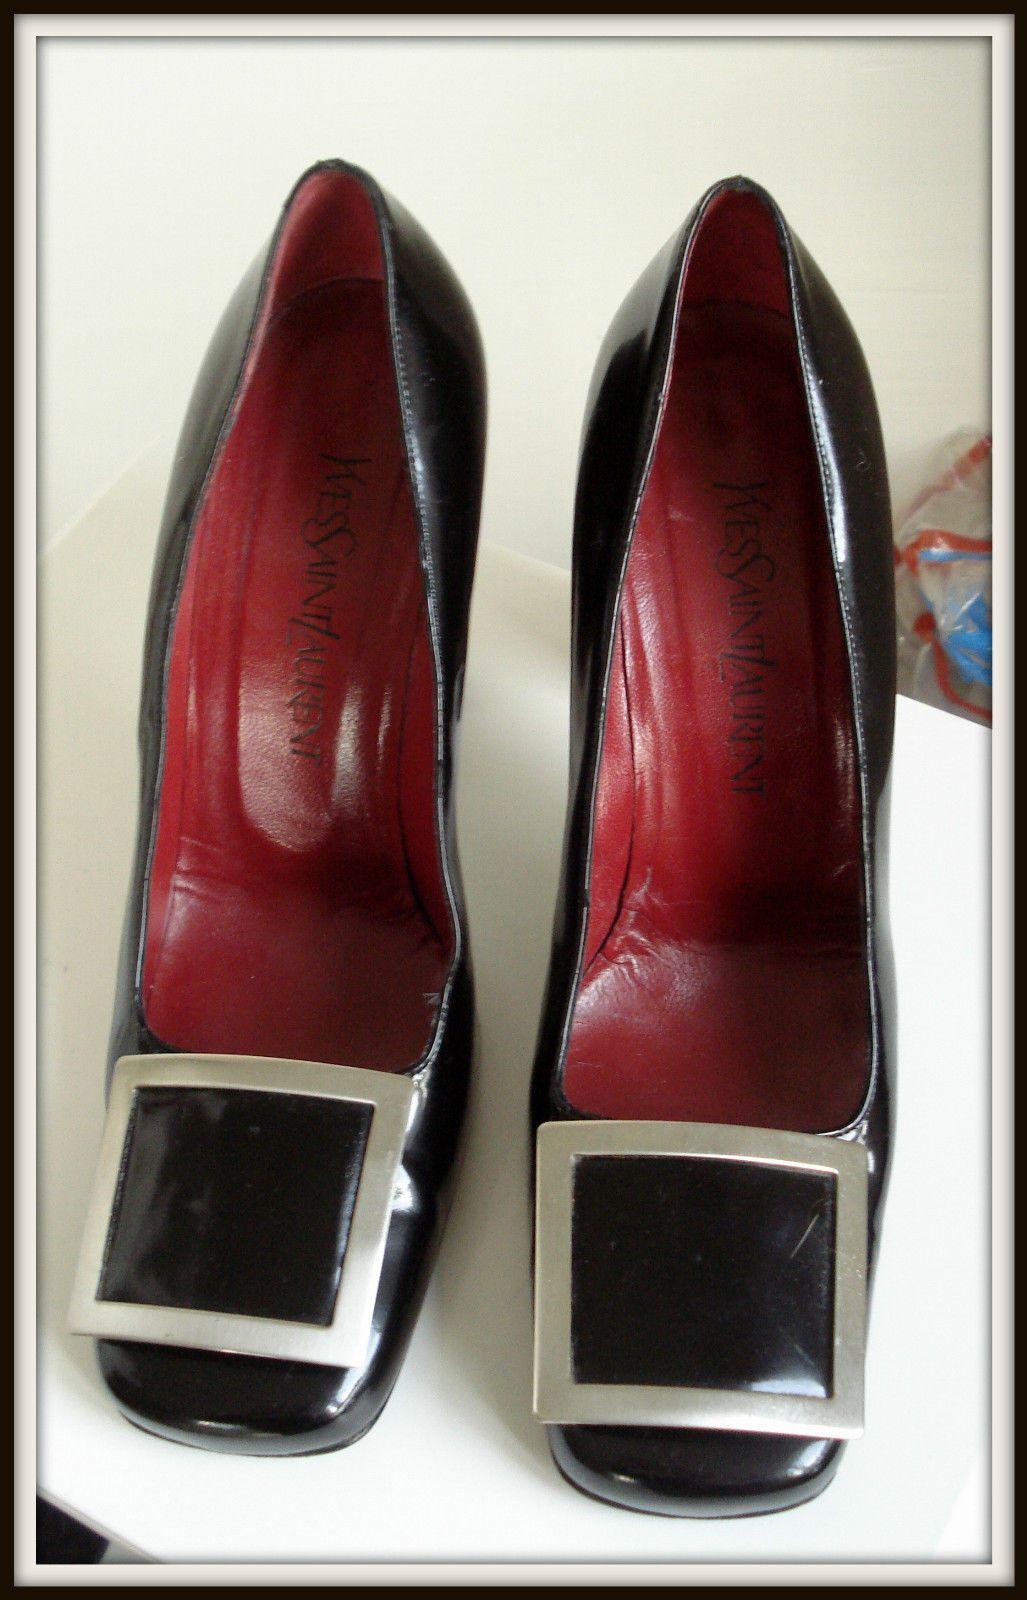 Gauche Noir Escarpins St Cuir Laurent Shoes Rive Superbe 5 Yves 40 nw80OPk